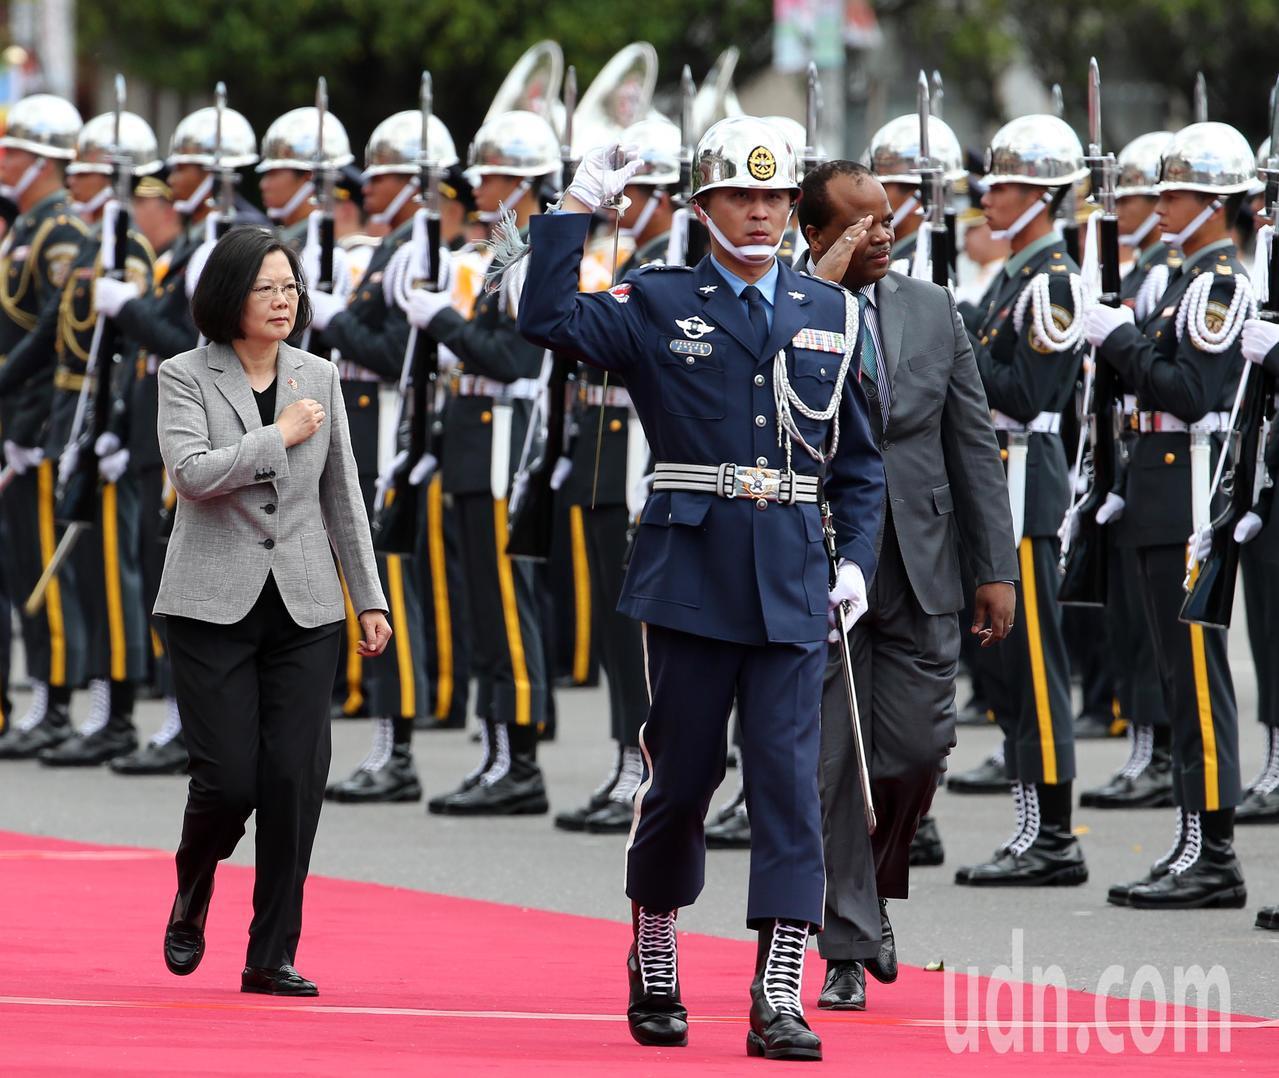 蔡英文總統(左)上午以軍禮歡迎史瓦帝尼王國國王恩史瓦帝三世(右),雙方默契佳、互...